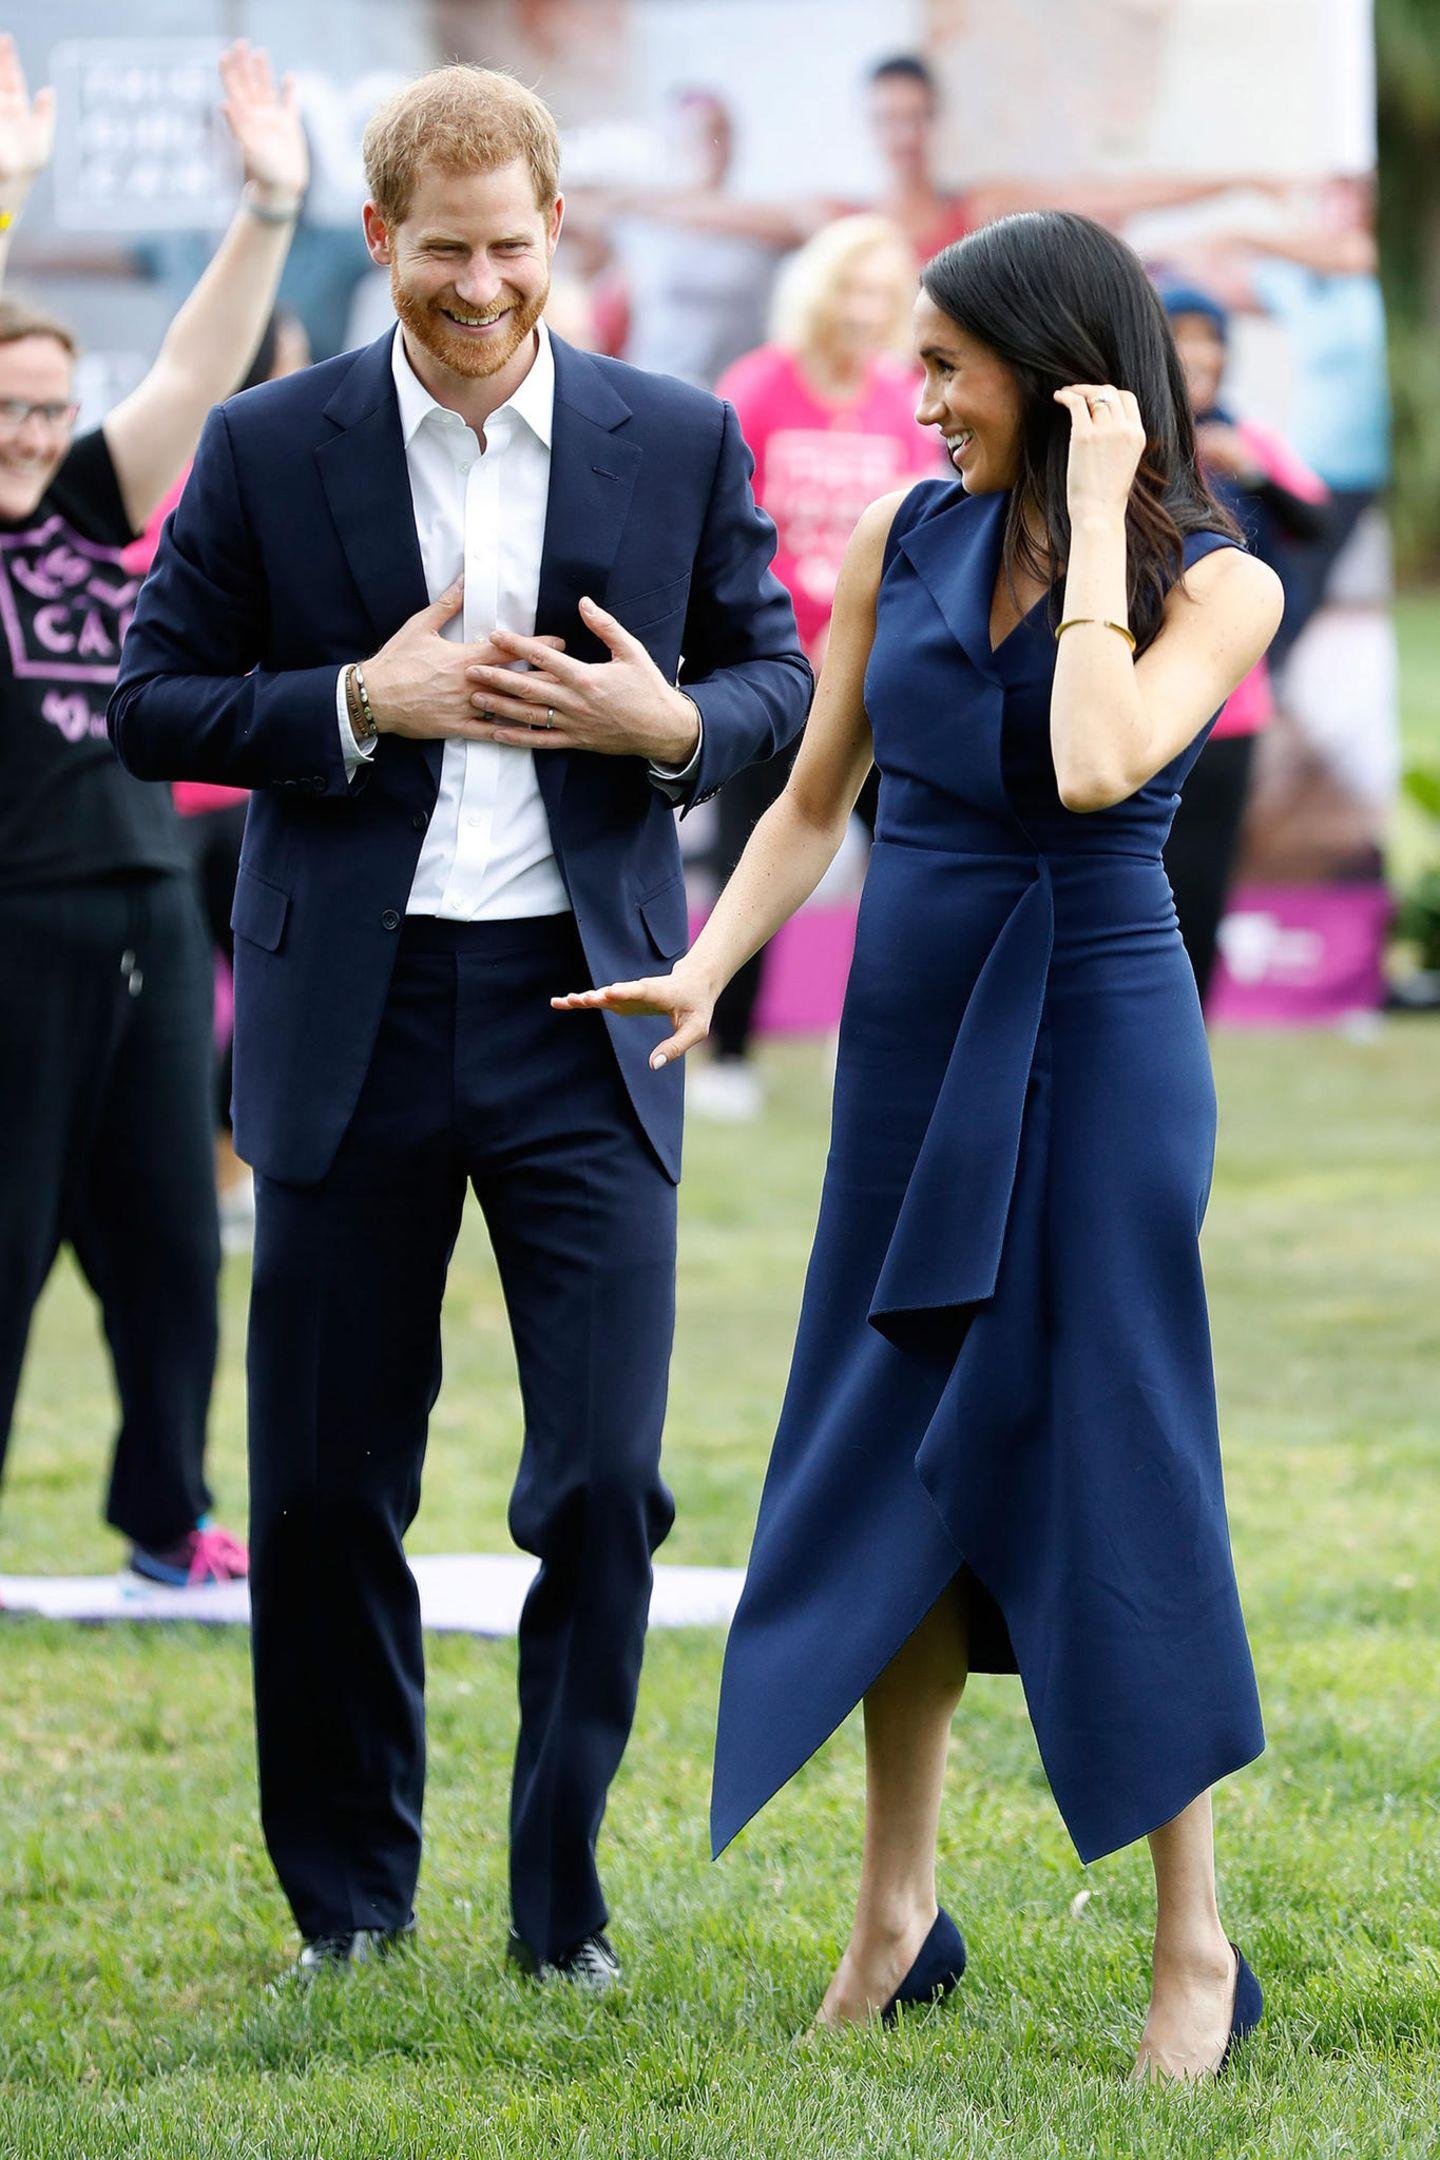 Die Melbourner dürfen sich freuen, Meghan gewährt ihnen in diesem blauen Dress einen Blick auf ihre noch minimalen royalen Rundungen.